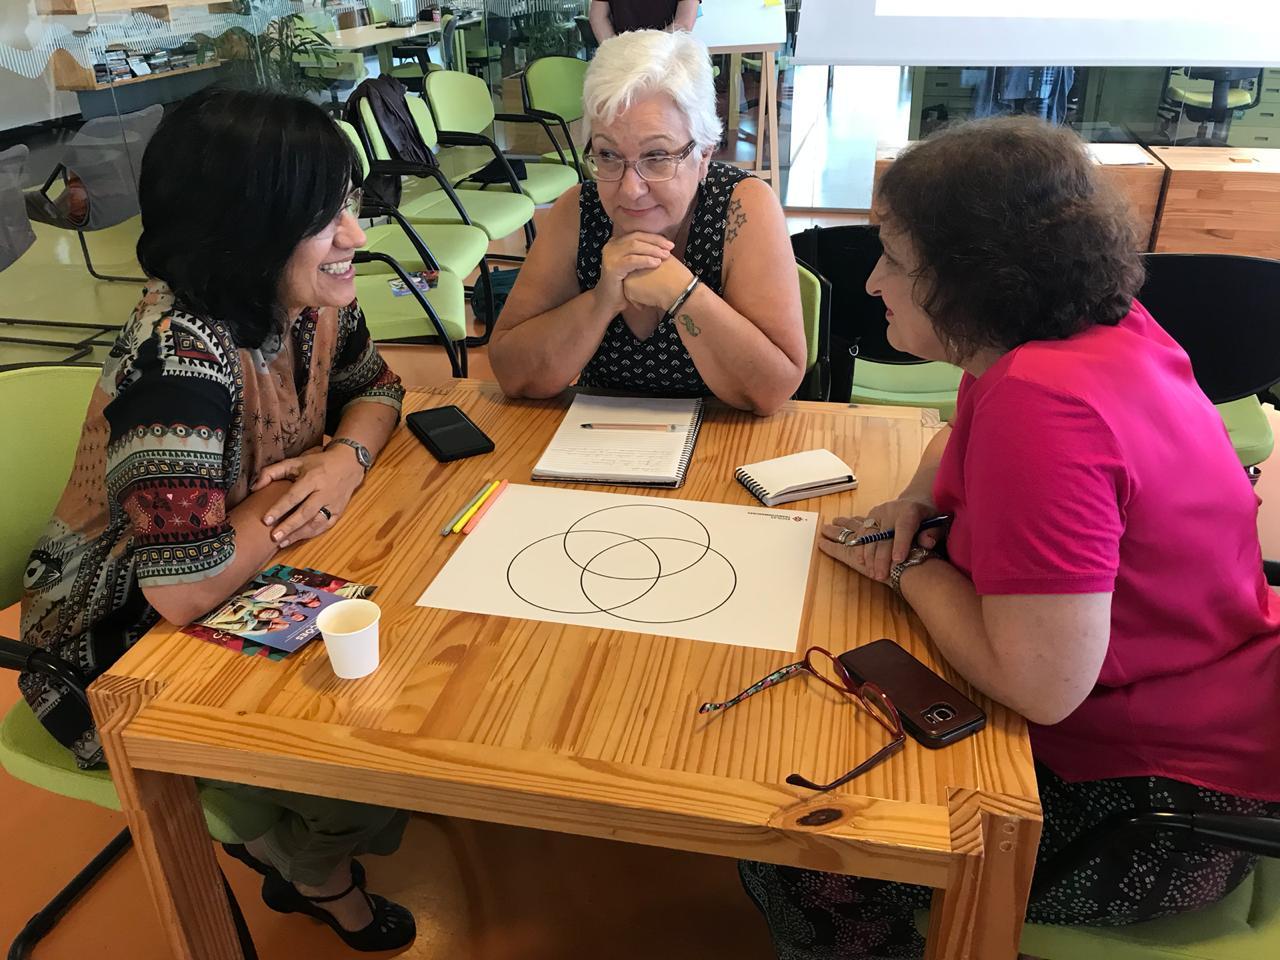 Três mulheres estão sentadas ao redor de uma mesa de madeira. Elas estão conversando.